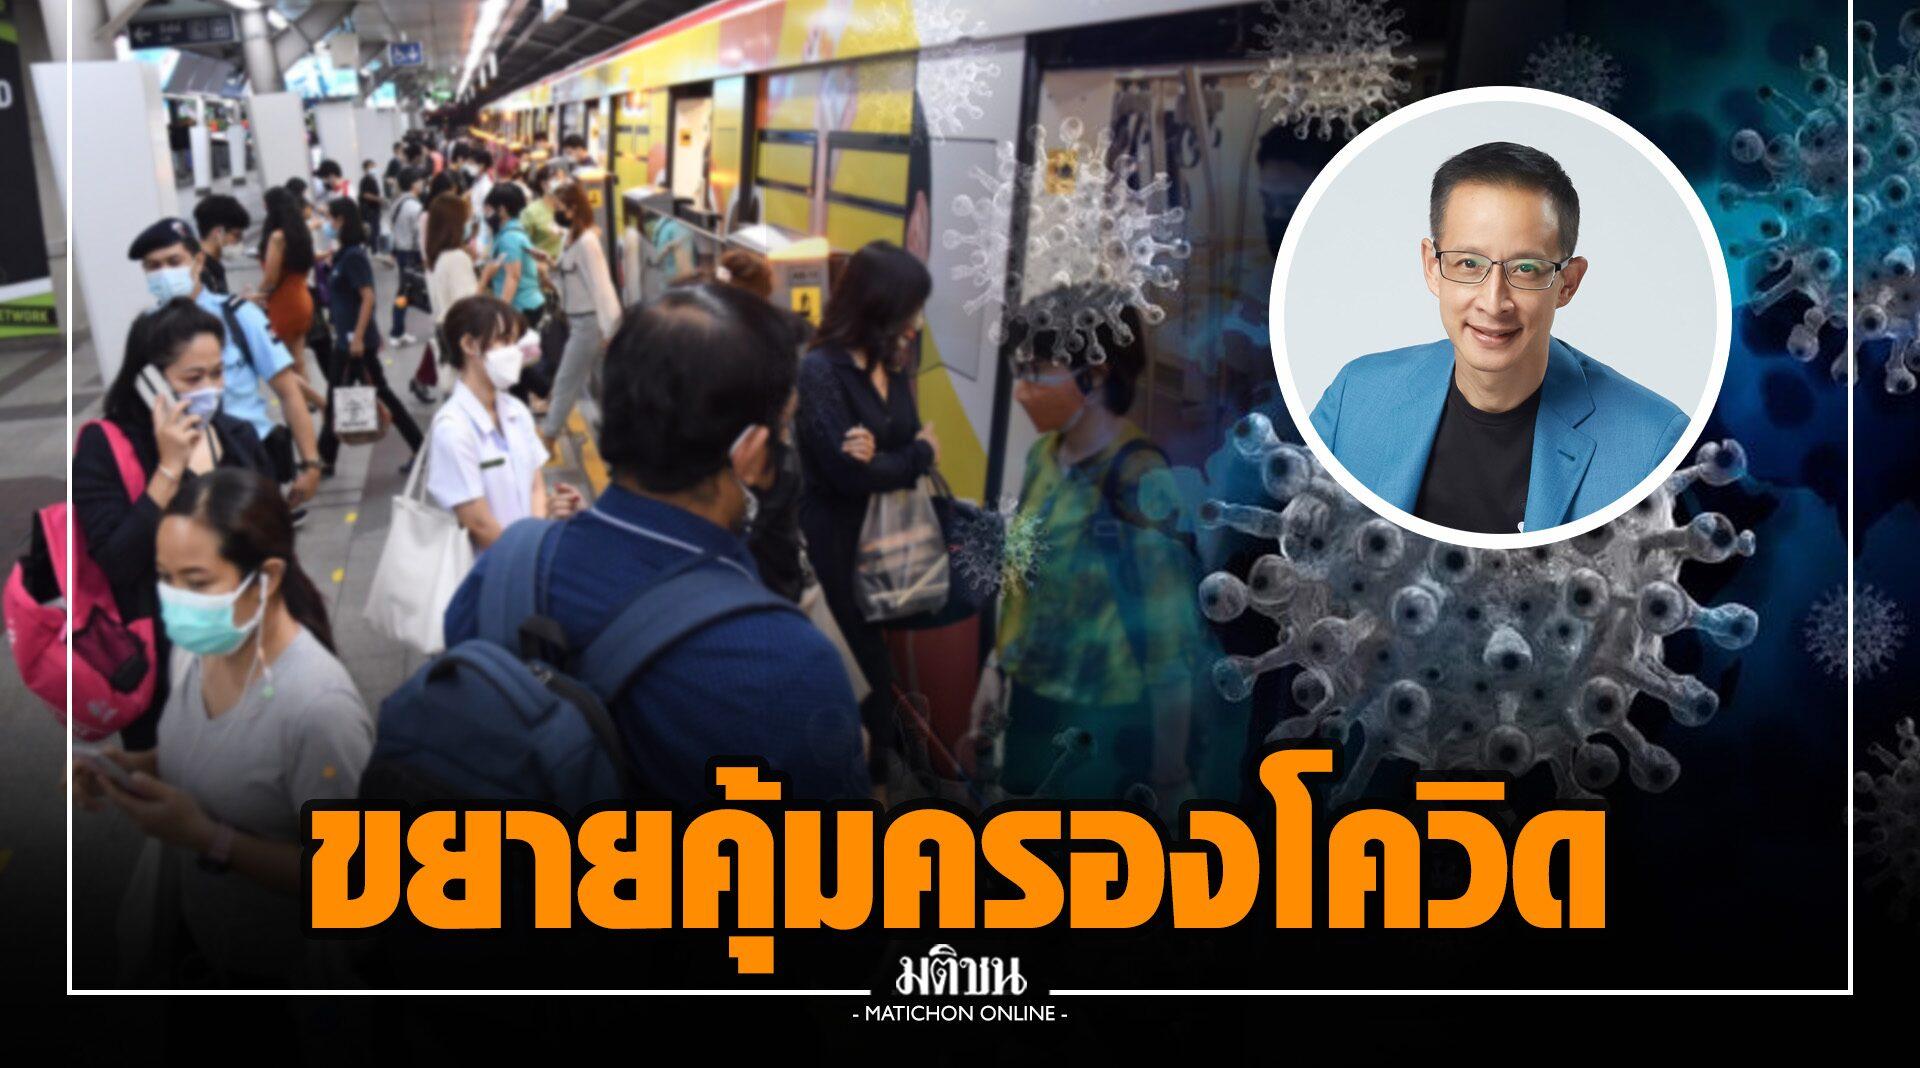 รับลูกคปภ. เมืองไทยประกันชีวิต ขยายความคุ้มครองกรณีติดเชื้อโควิด